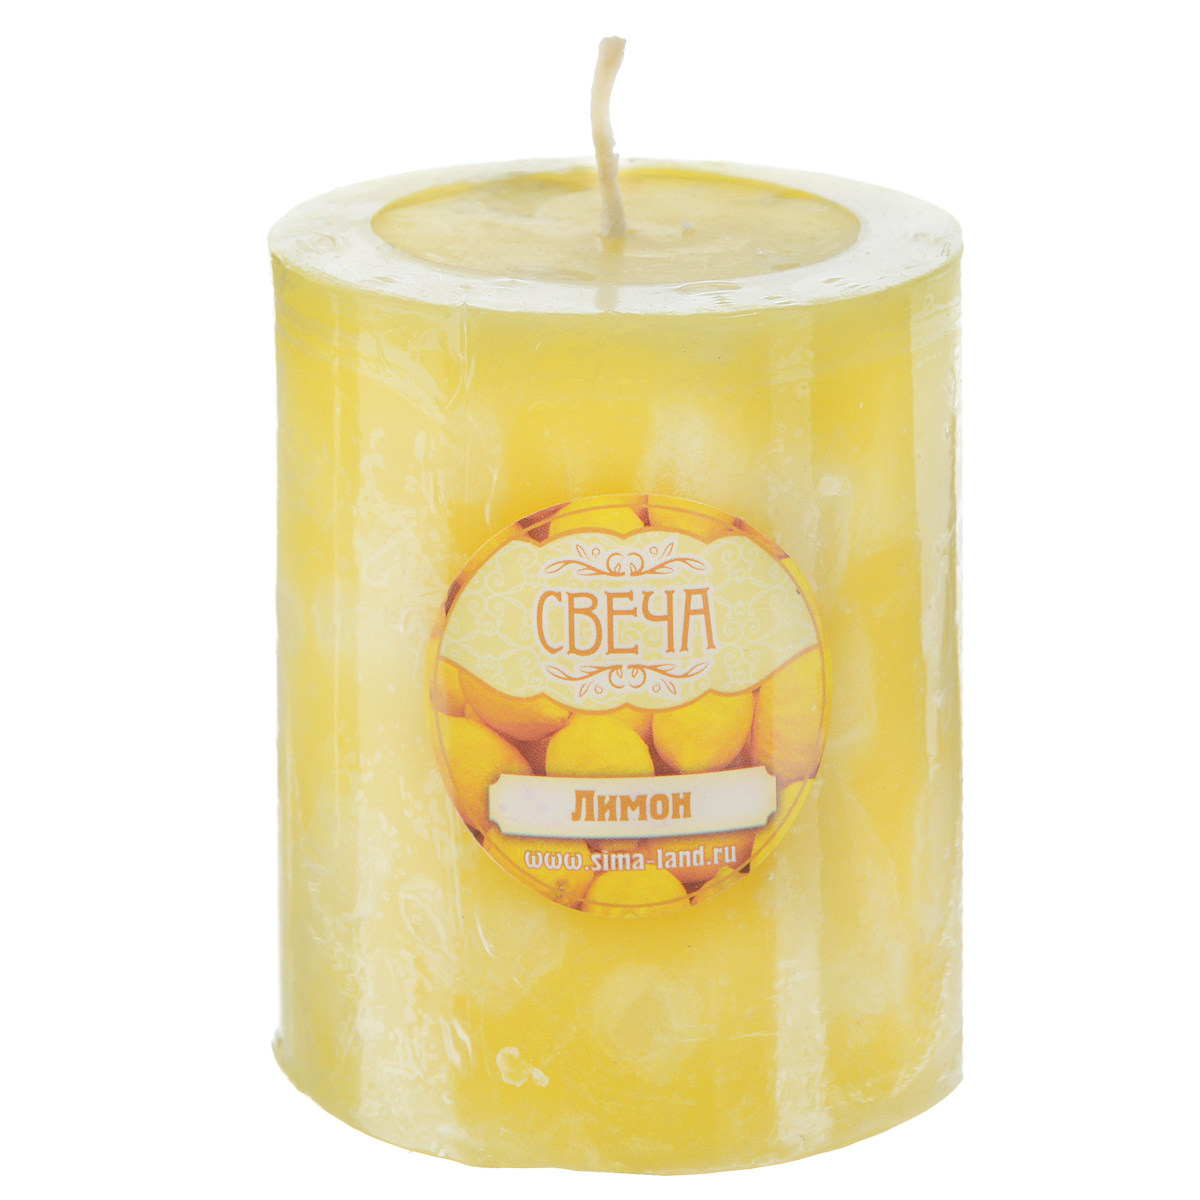 Свеча ароматизированная Sima-land Лимон, высота 7,5 см свеча ароматизированная sima land лимон на подставке высота 6 см